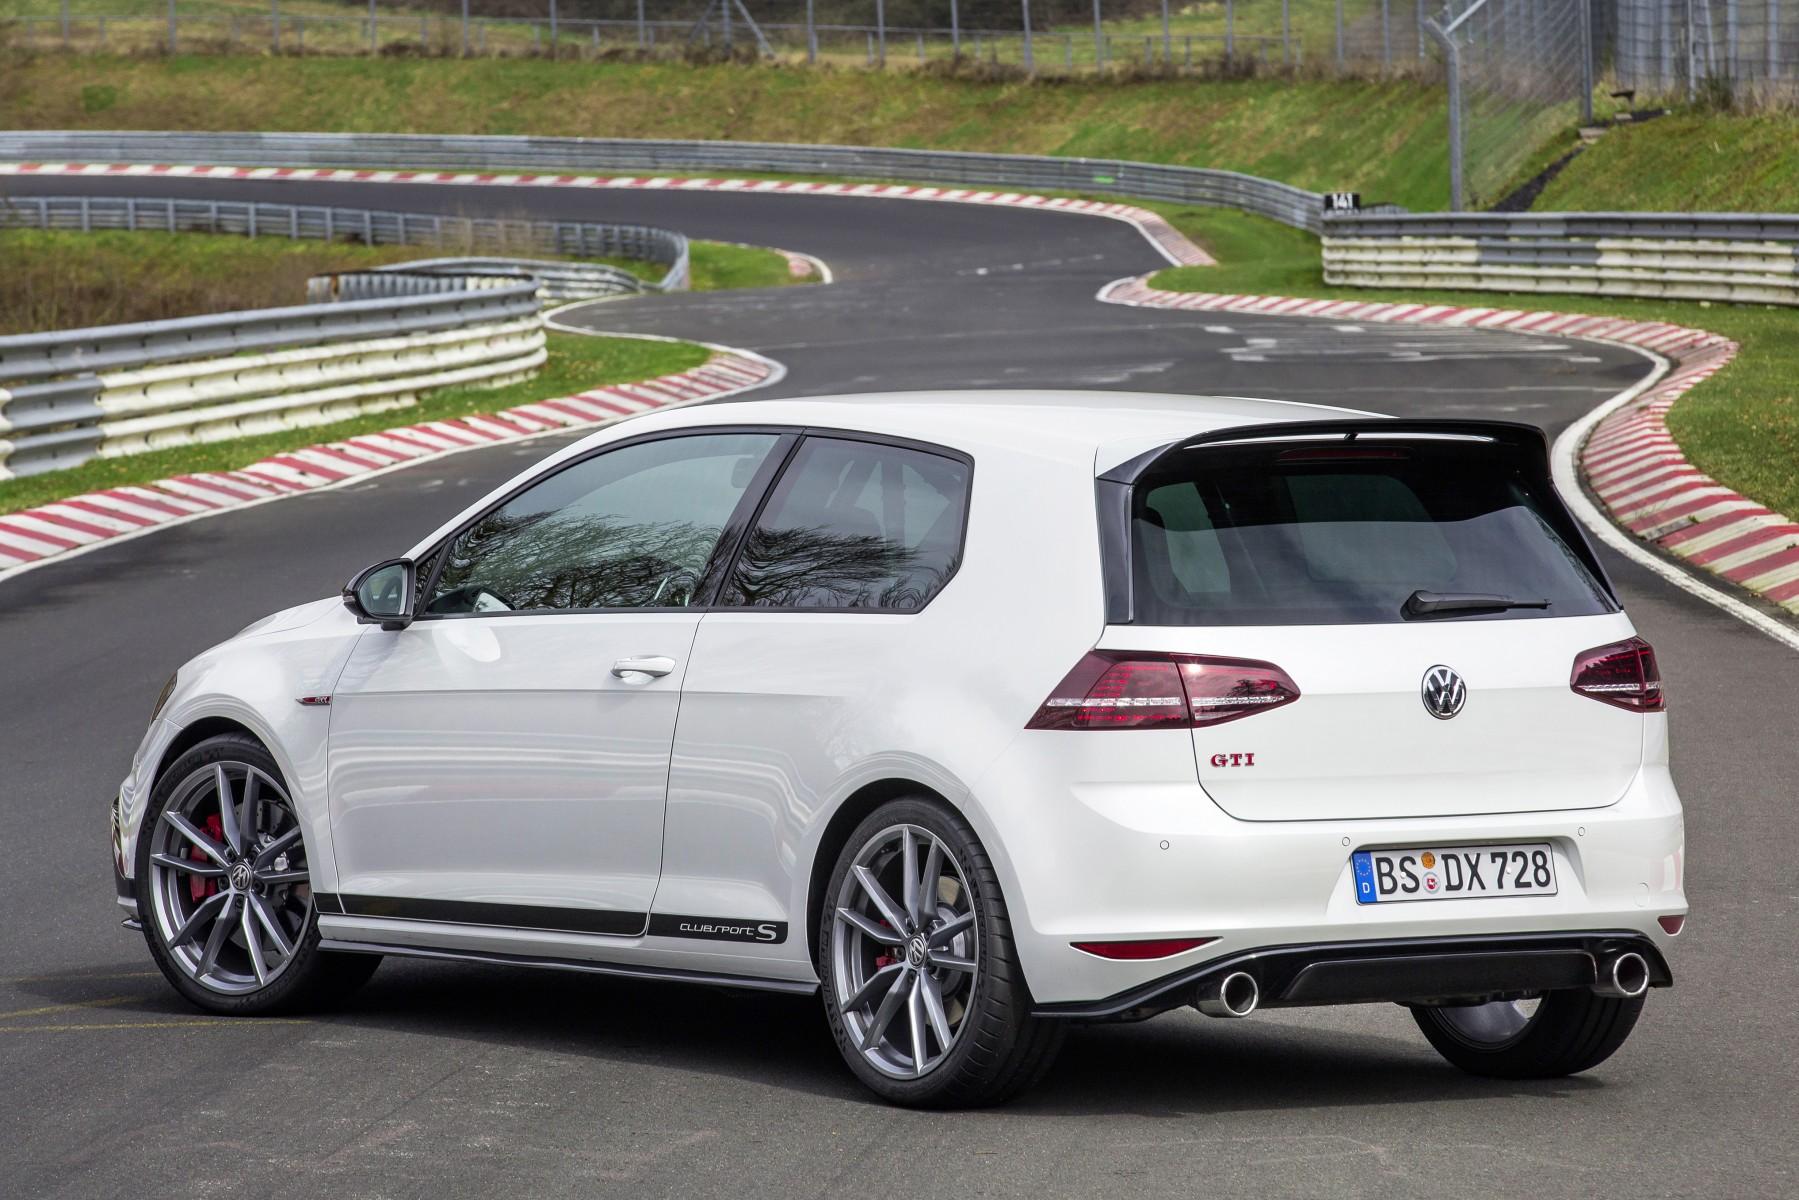 Volkswagen Maakt Prijs Van Golf Gti Clubsport S Bekend